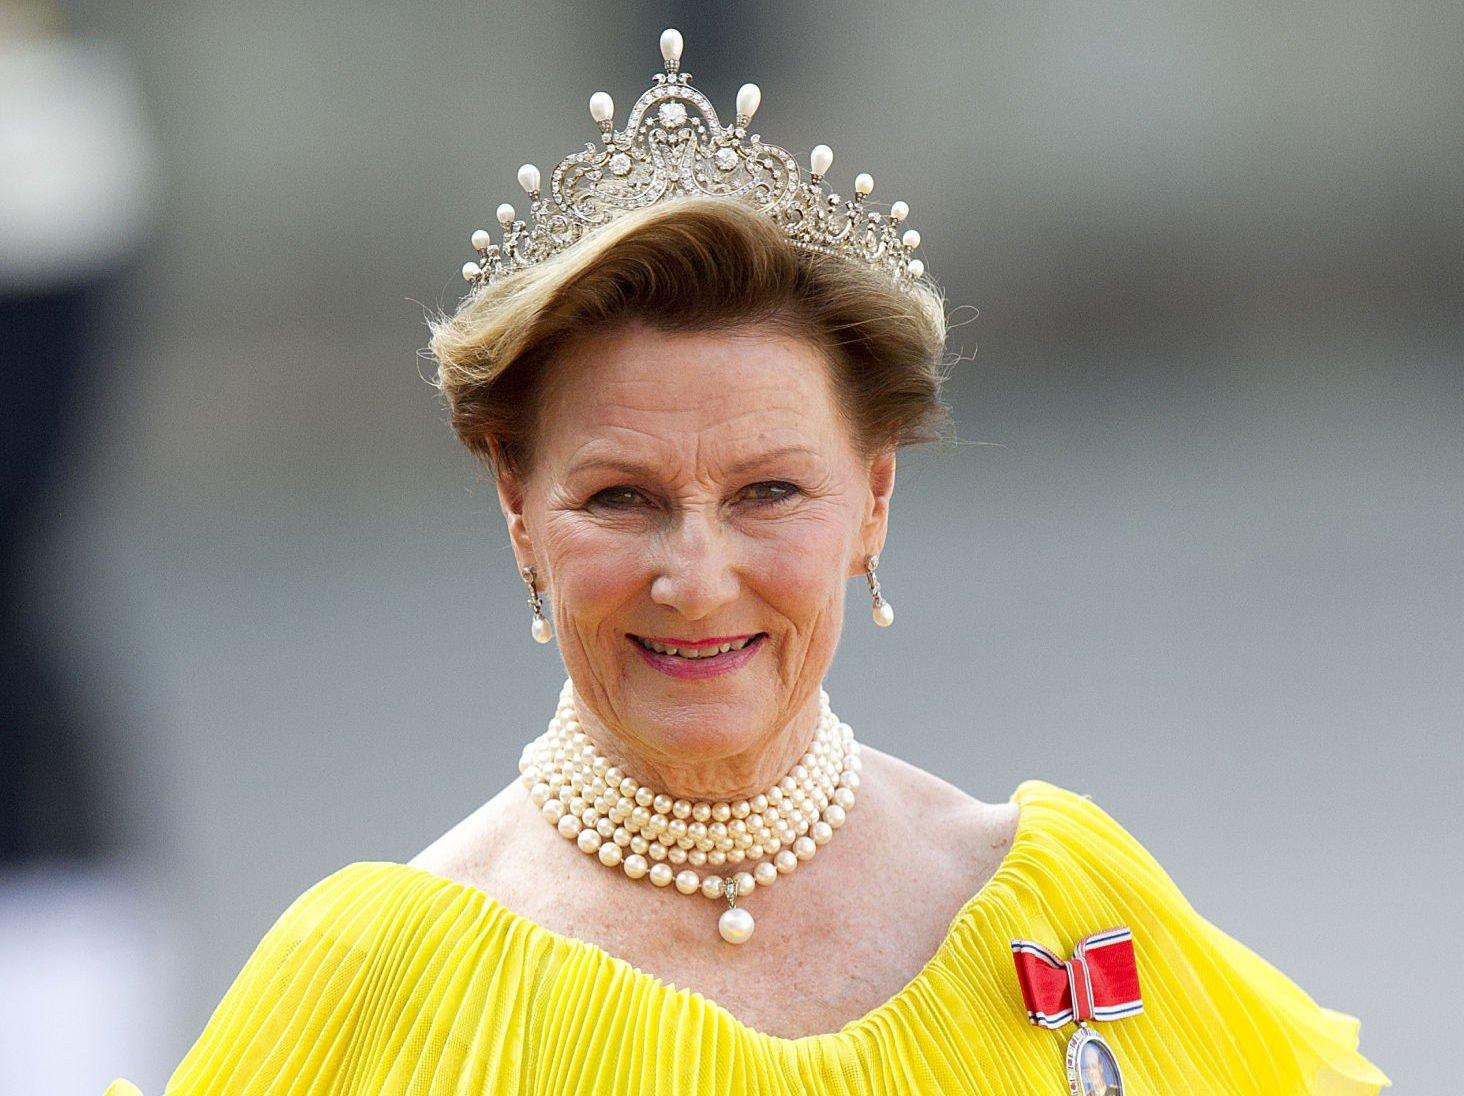 FYLLER ÅR: Dronning Sonja fyller 78 år lørdag. Bildet er tatt i bryllupet til svenske prins Prins Carl Philip og Sofia Hellqvist.